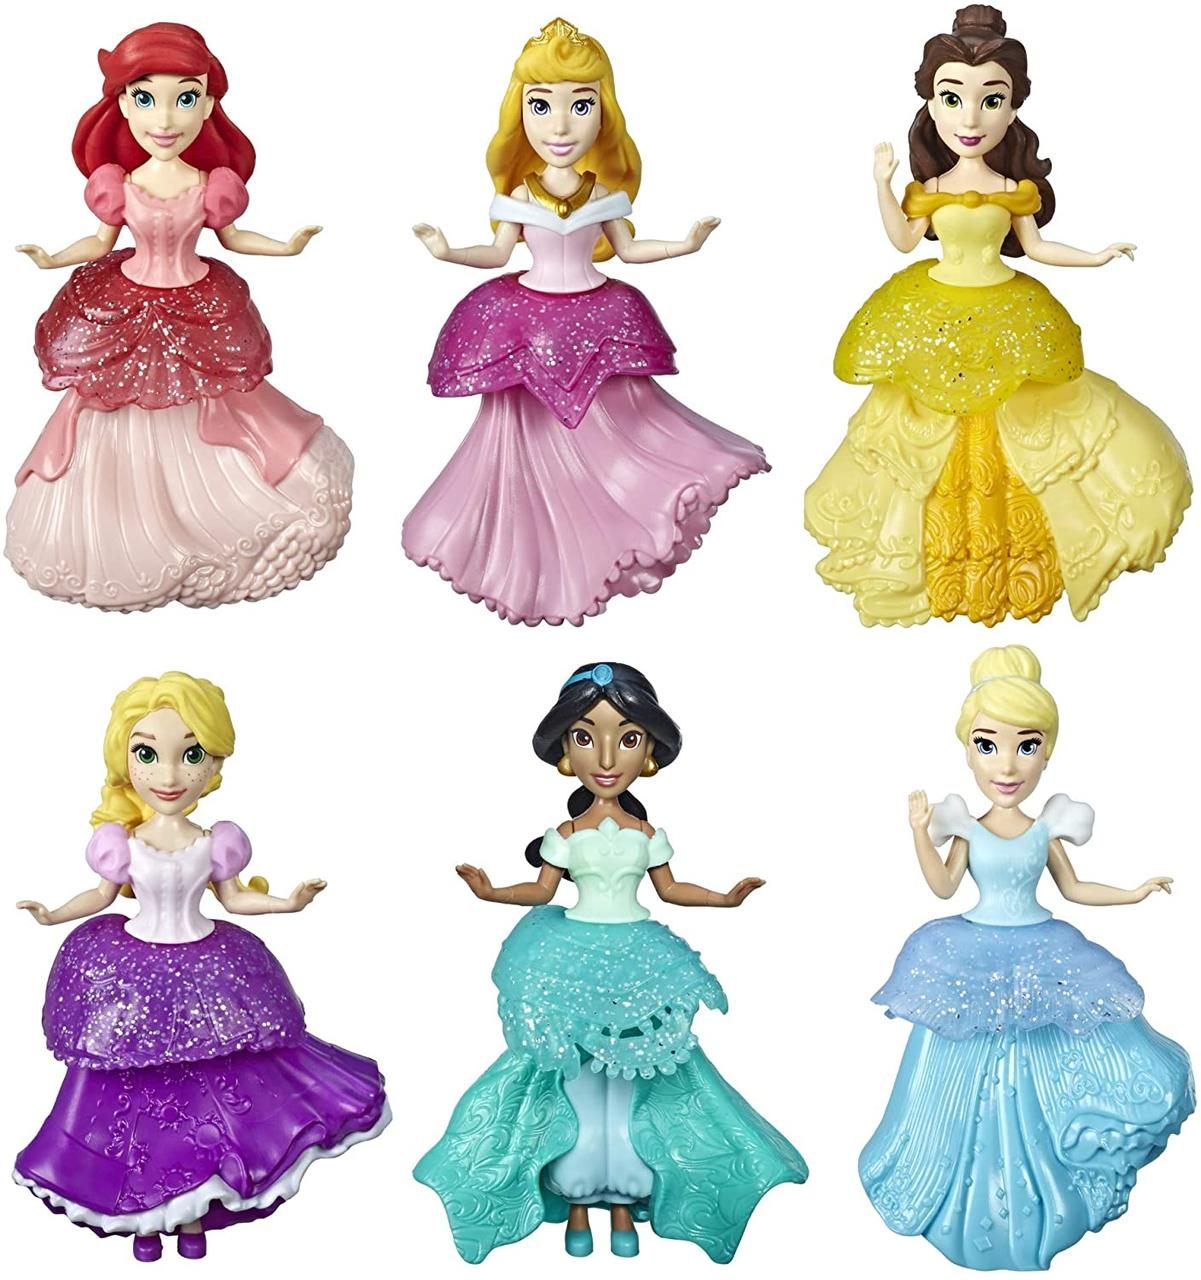 Набор принцесс с платьями клипс 6 штук Disney Princess Royal Clips Оригинал из США